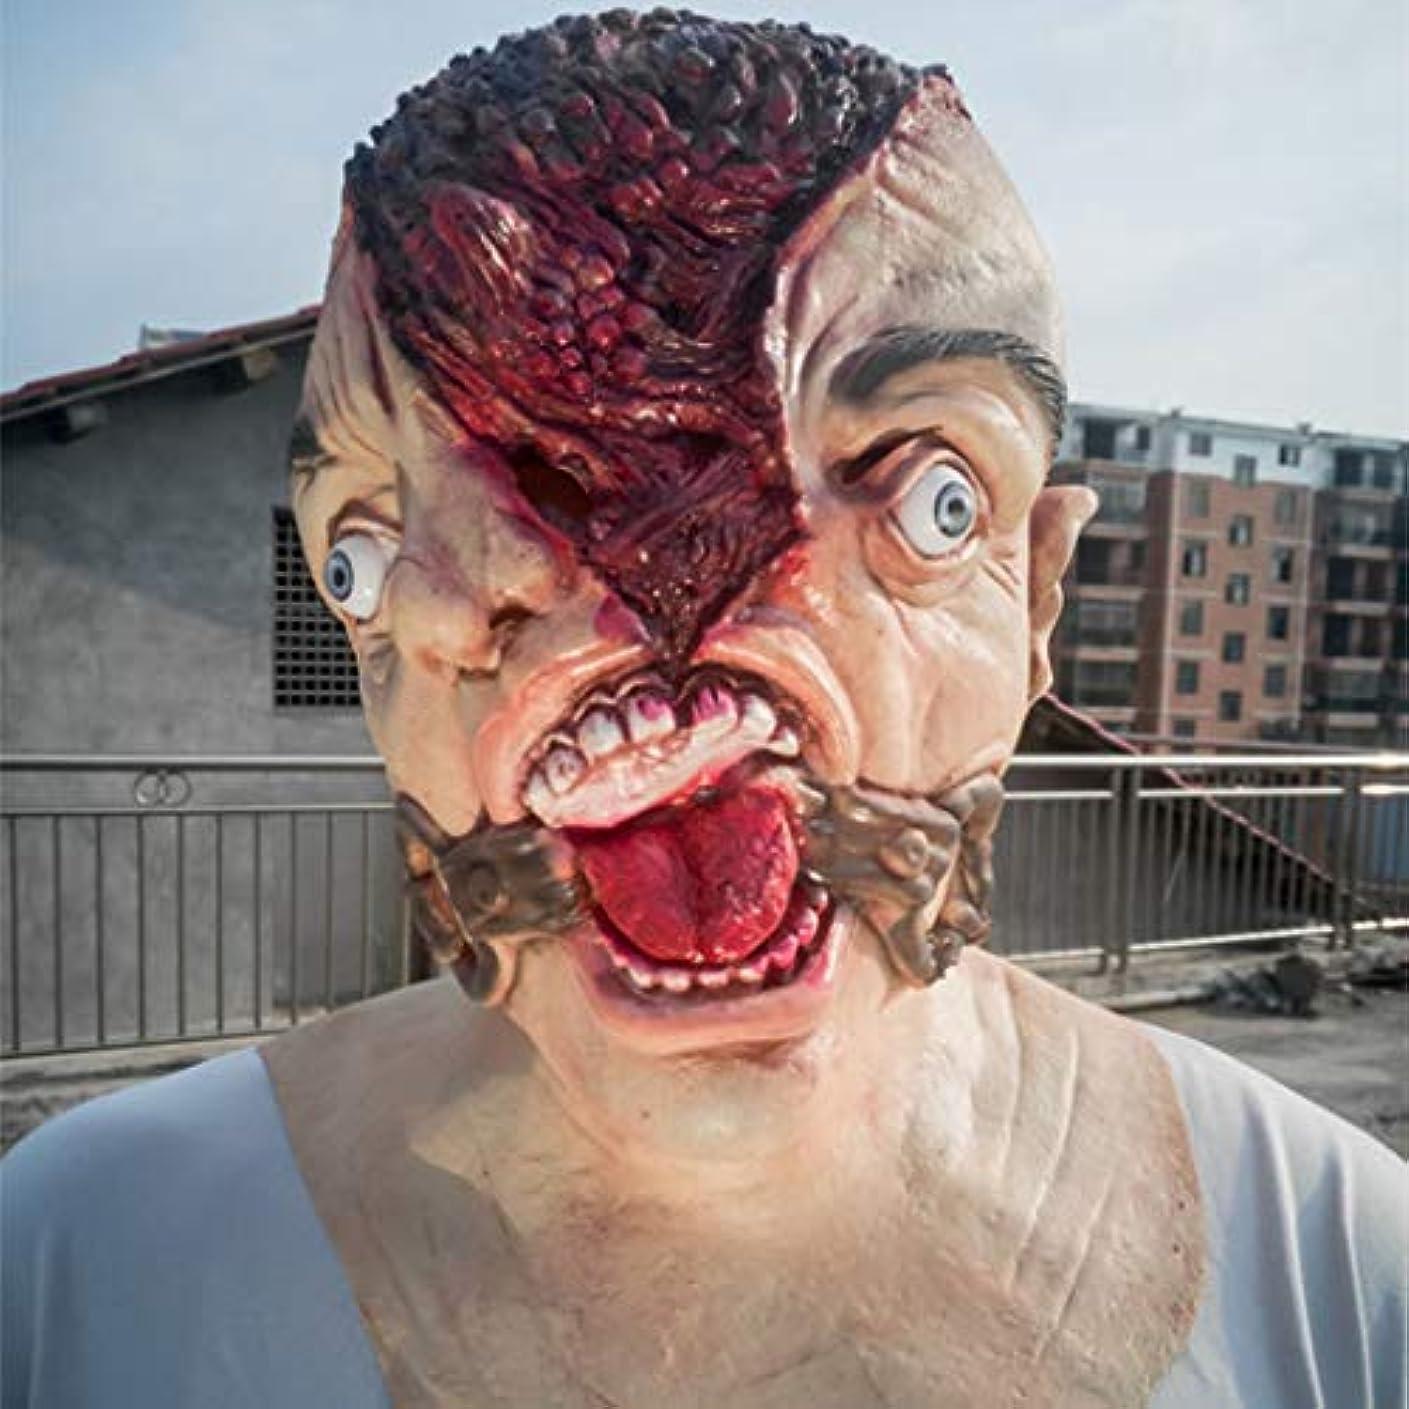 海里章しなやかハロウィン大人のラテックスホラーマスクしかめっ面マスクパーティーマスク怖い悪魔マスク映画小道具仮面舞踏会マスク